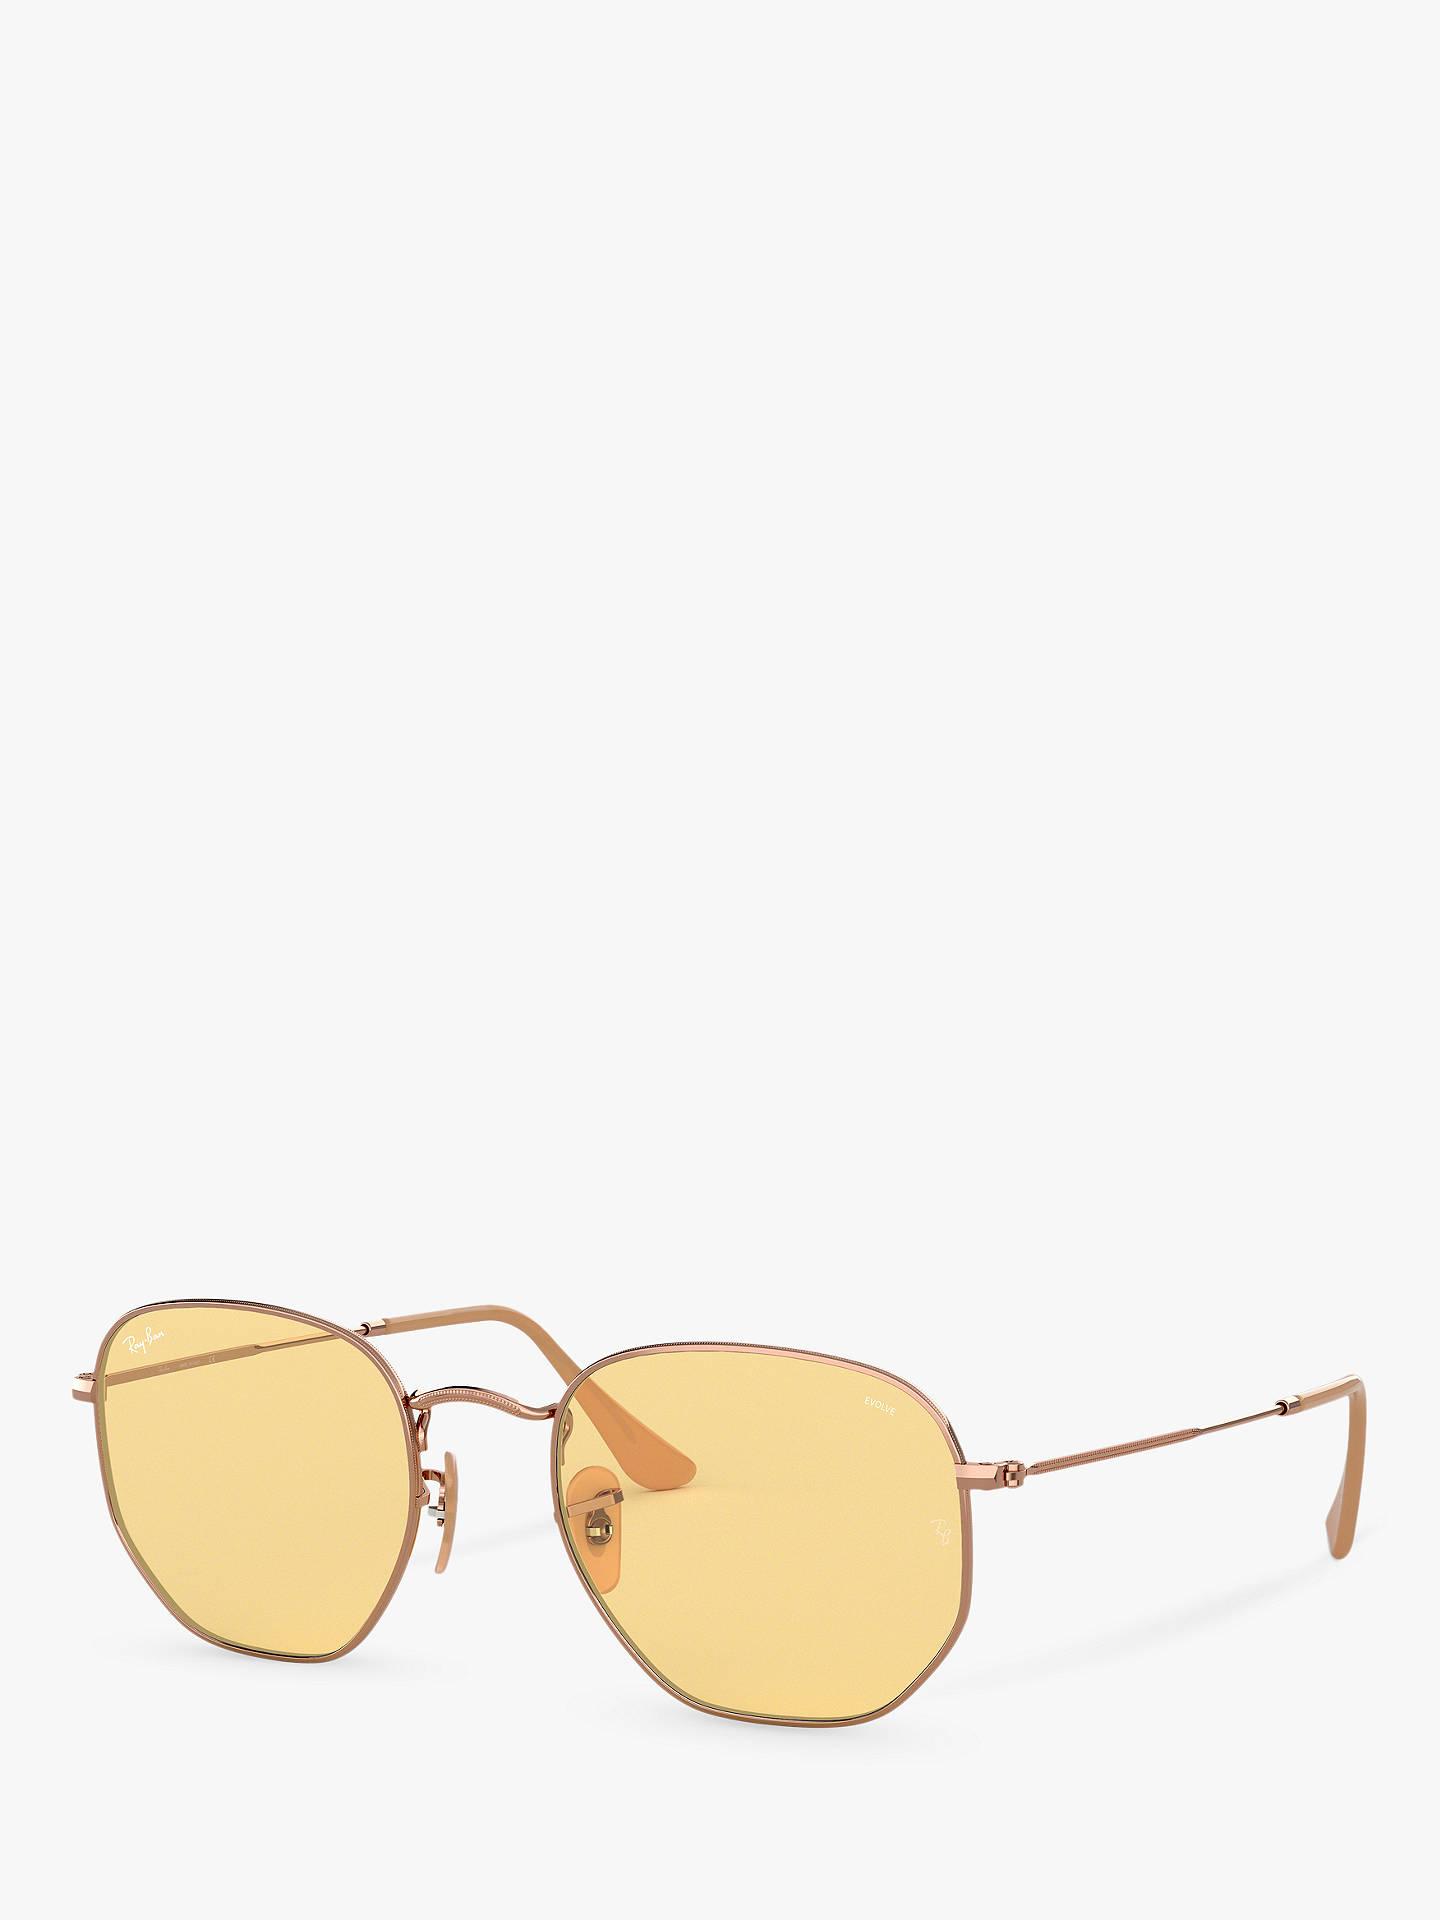 f44ef800d4f BuyRay-Ban RB3548N Hexgonal Sunglasses